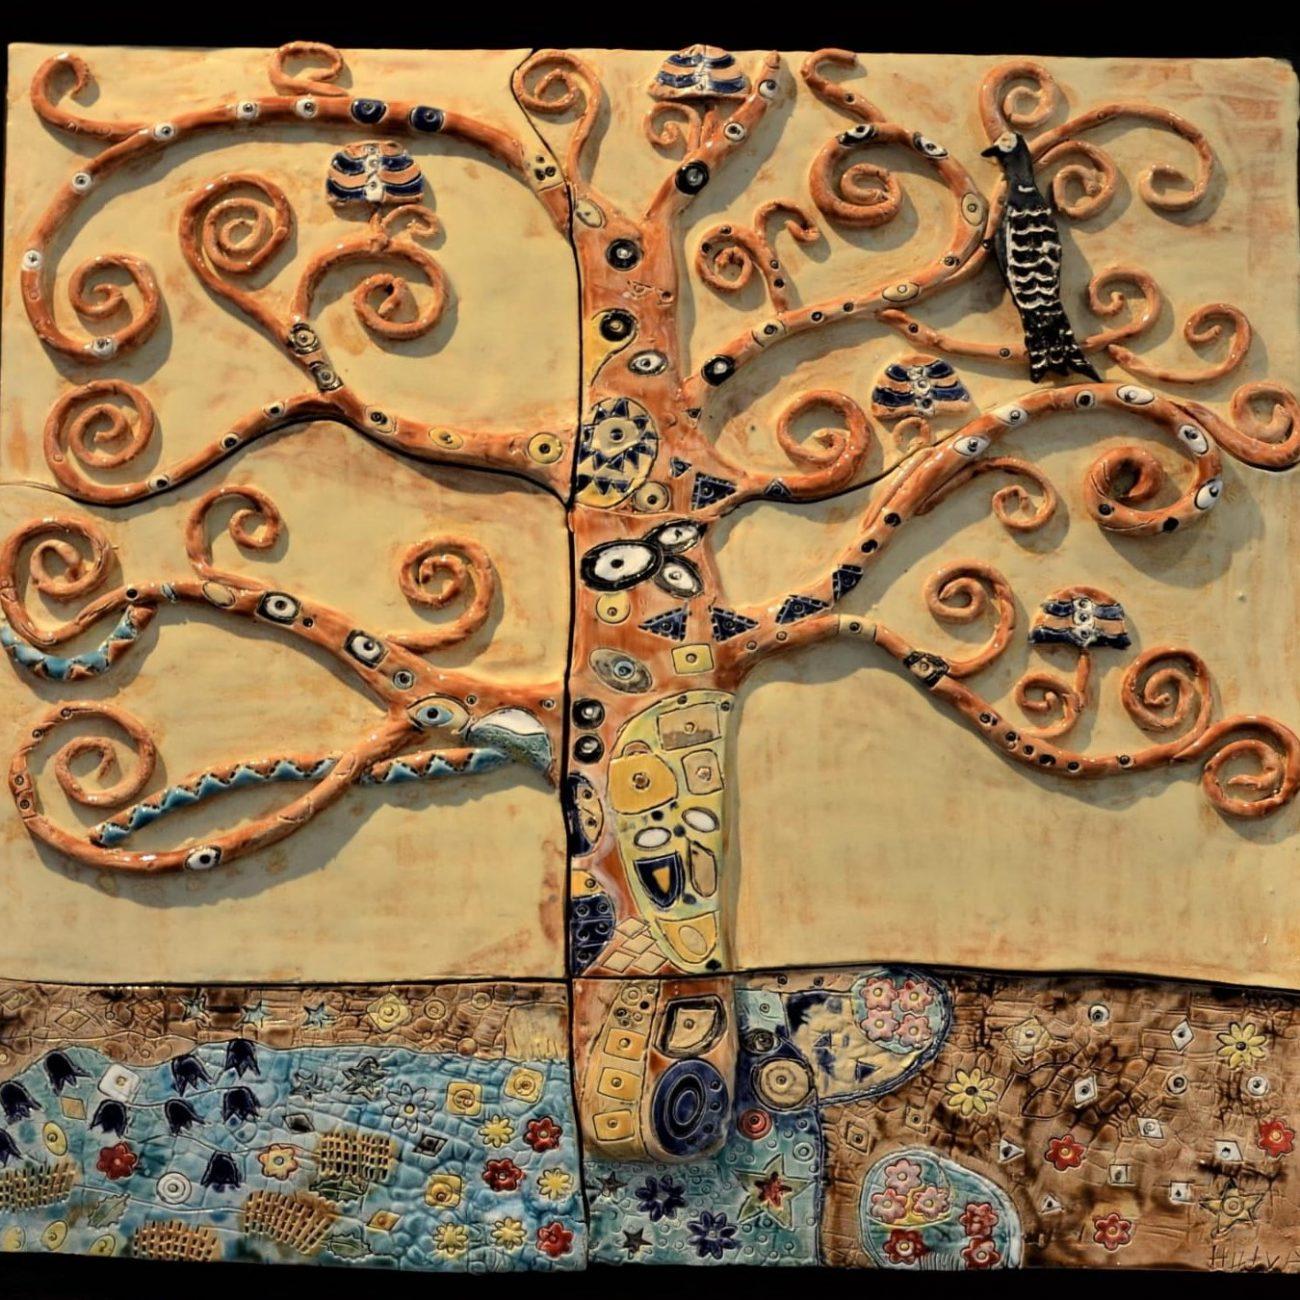 Gustave Klimt Hayat Ağacı Esinlenme Teknik:Beyaz Çamur Rölyef Tekniği , Sır Boyama Ölçü :55 x 40 cm  Fiyat :1500 TL